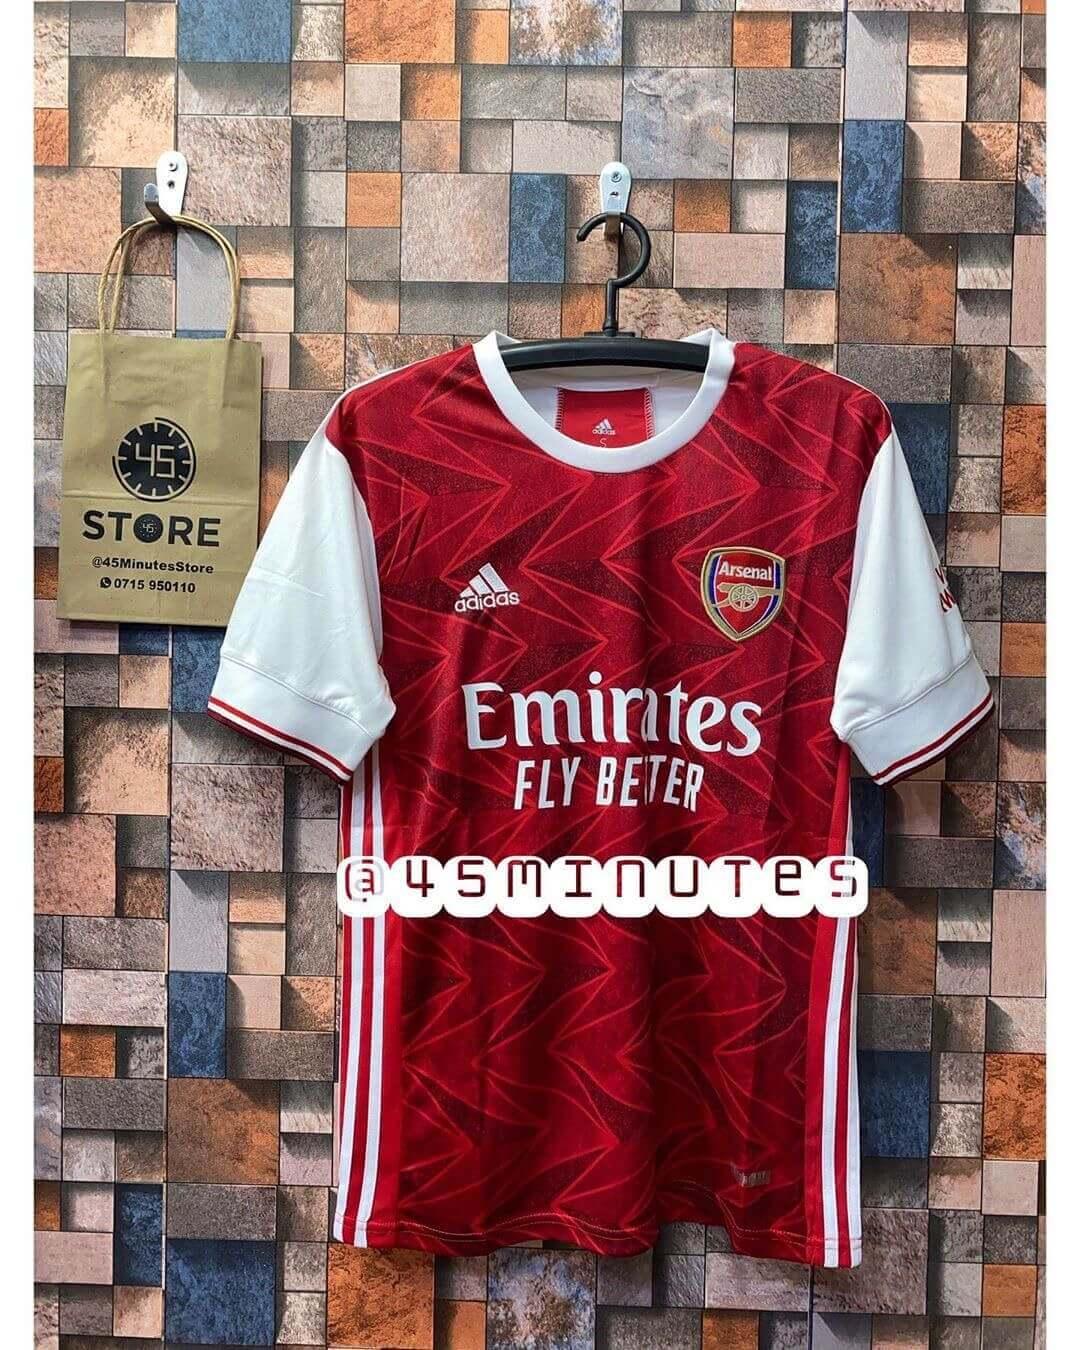 jezi mpya za arsenal 2020/21 | Arsenal home jersey(Kit) 2021 Tanzania Original